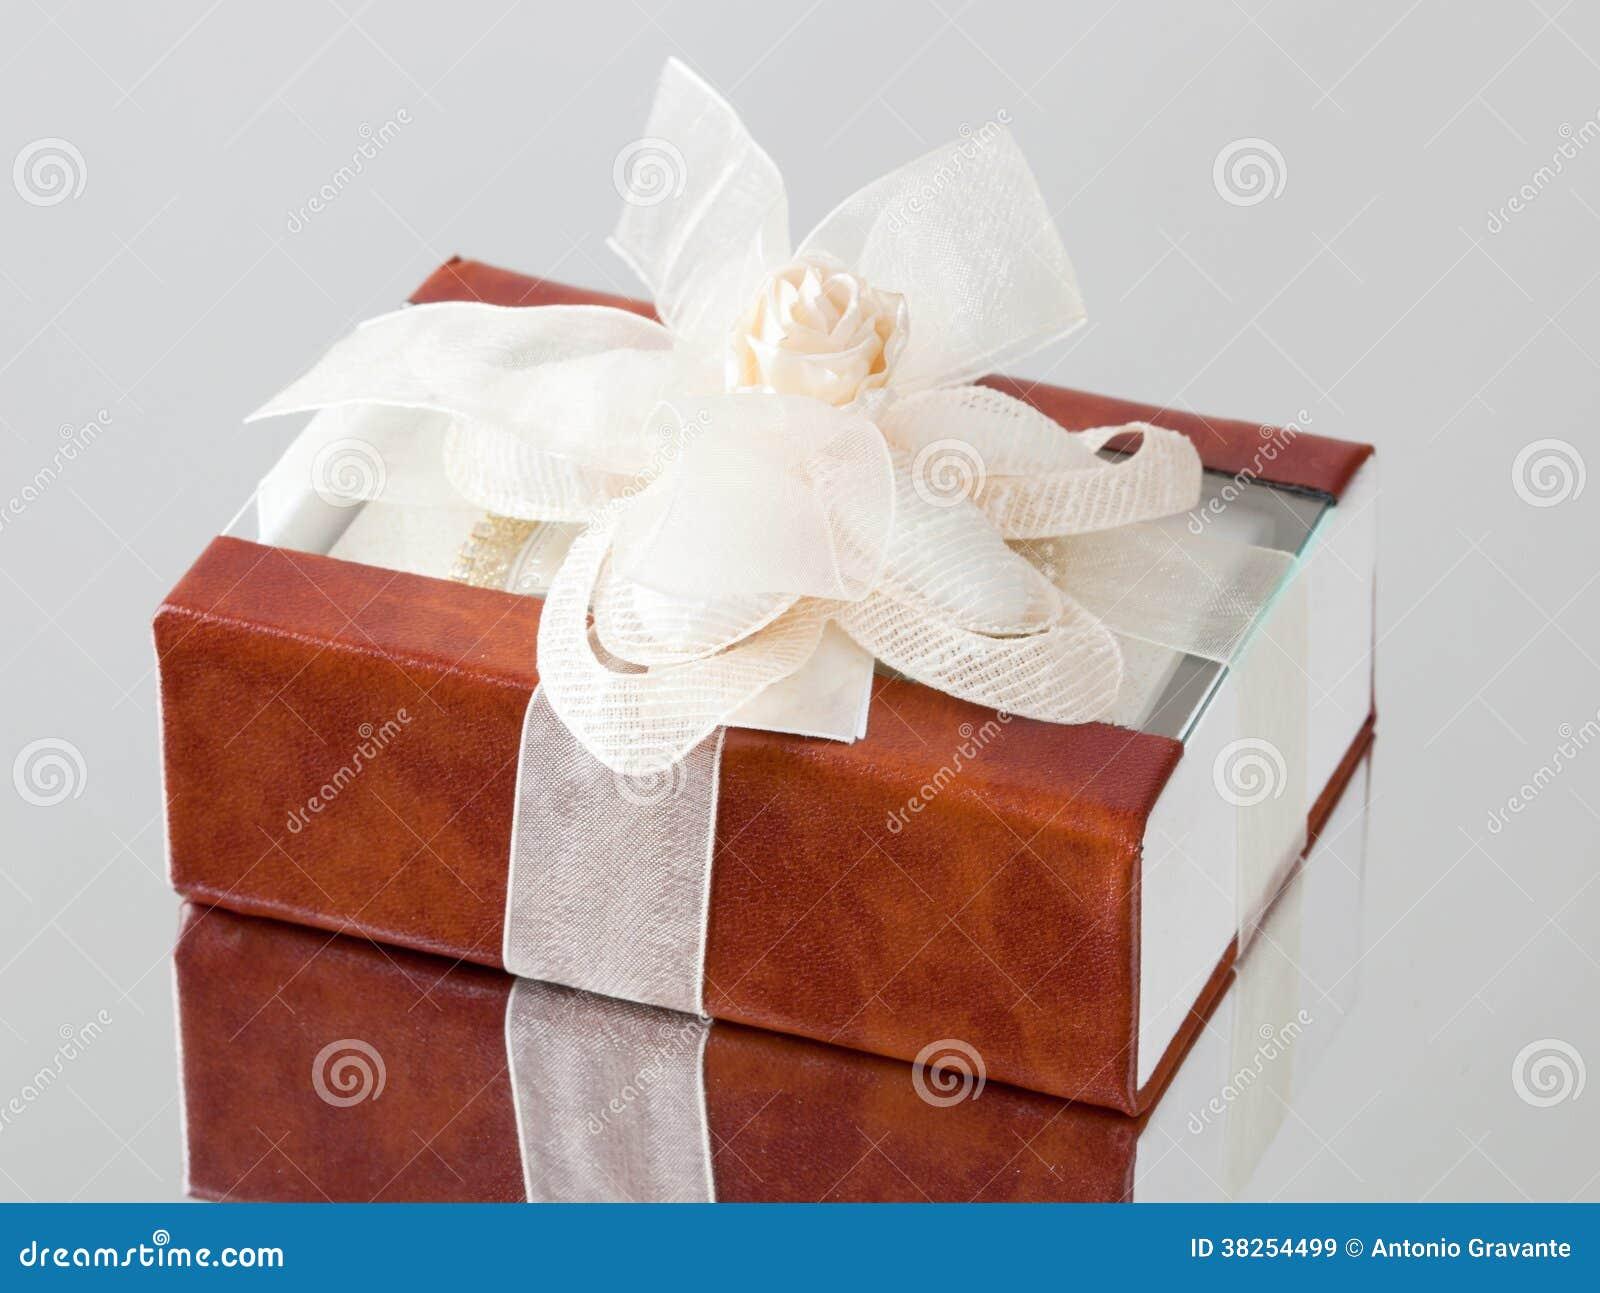 Il contenitore di regalo con una copertura marrone